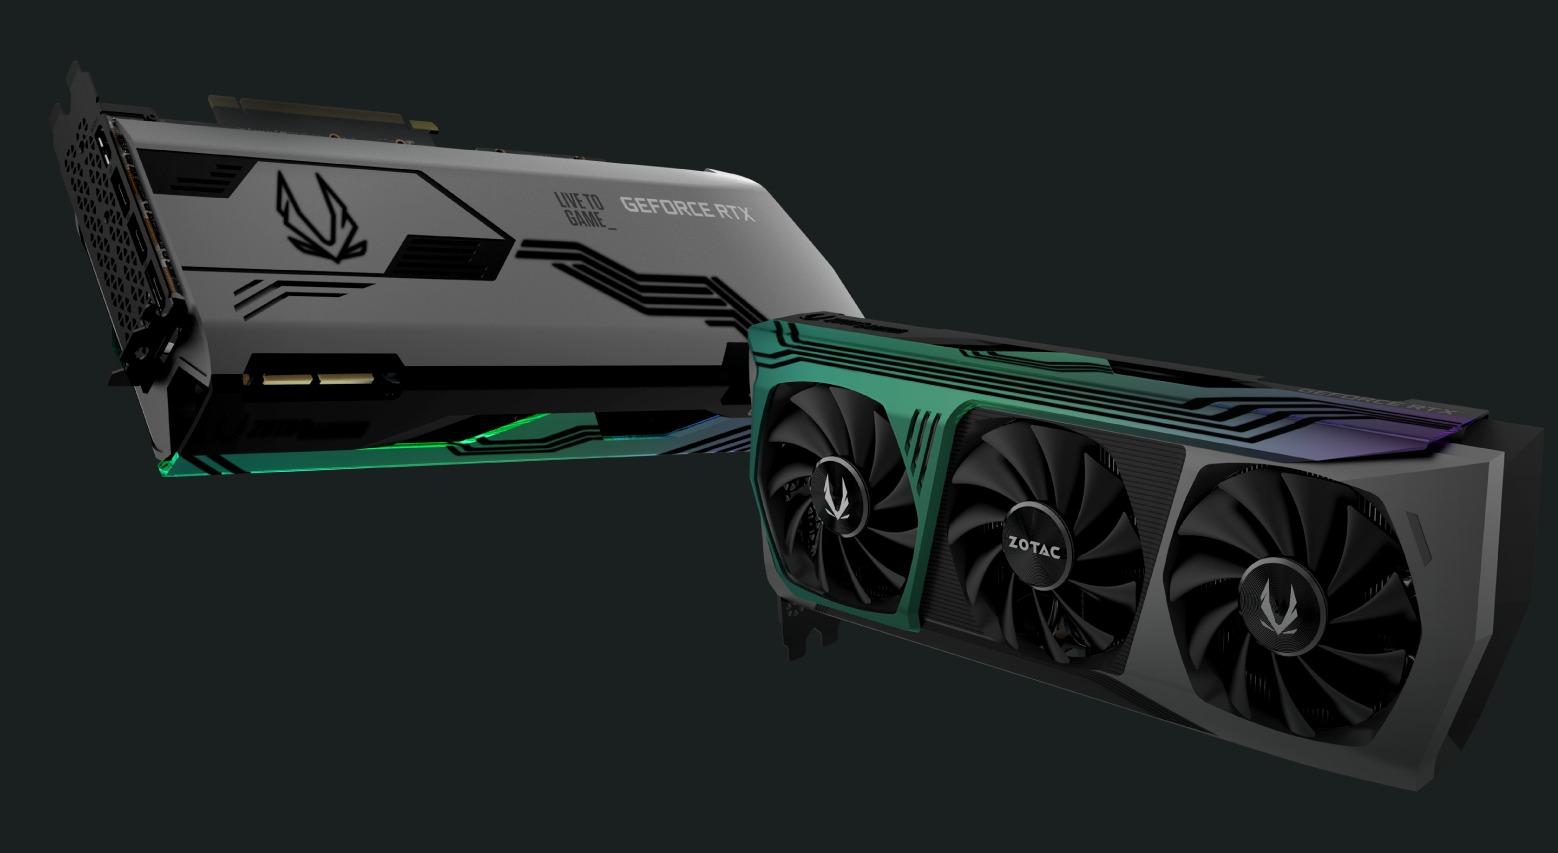 Nvidia GeForce RTX 3070, 3080 et 3090 : des fuites confirment noms et caractéristiques